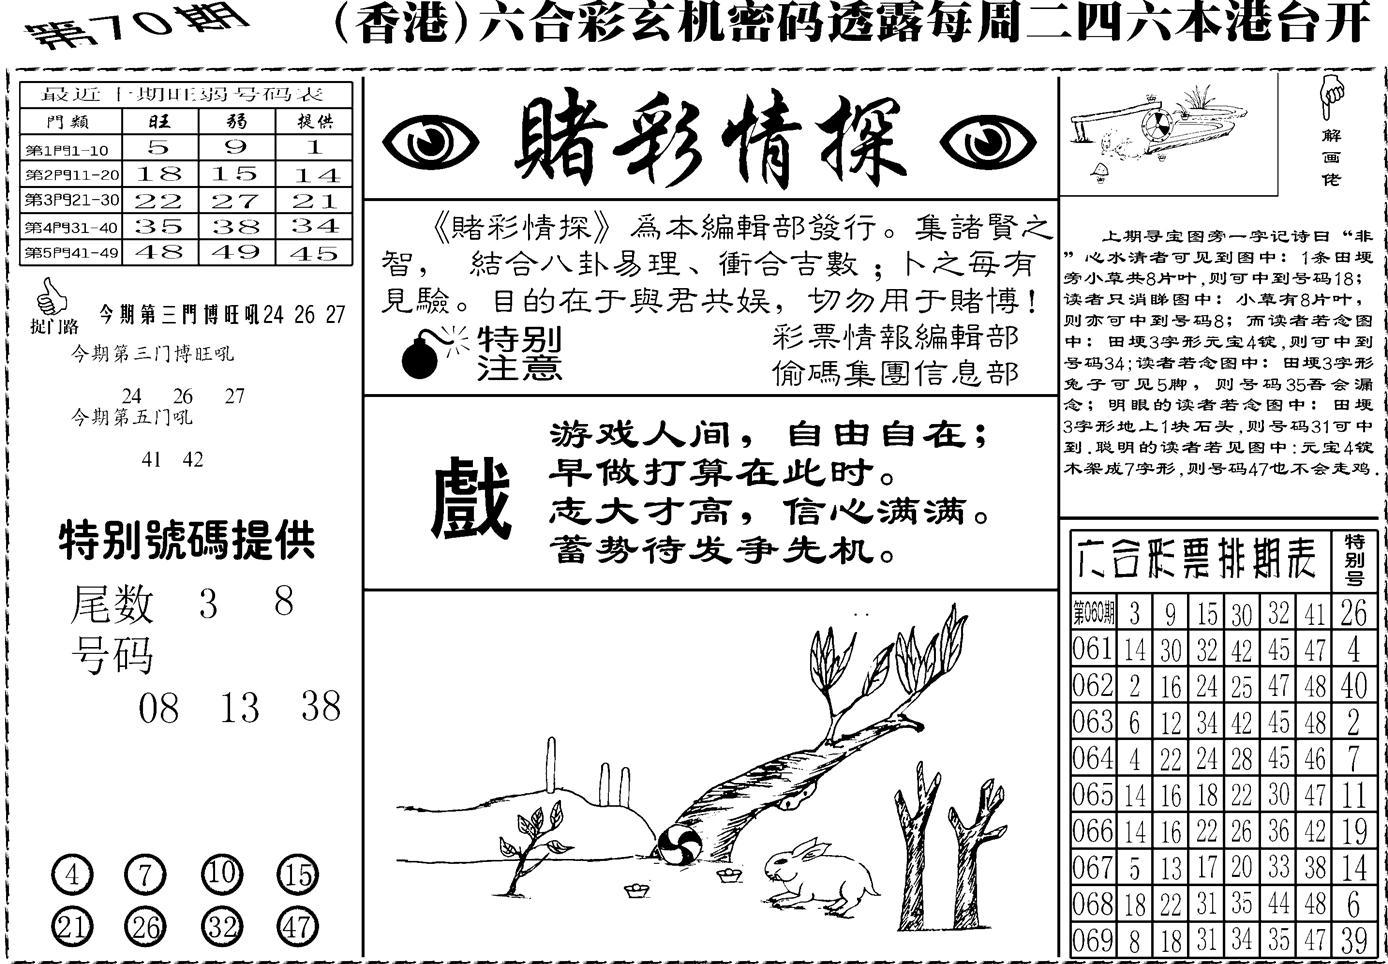 070期老版赌彩情探(黑白)